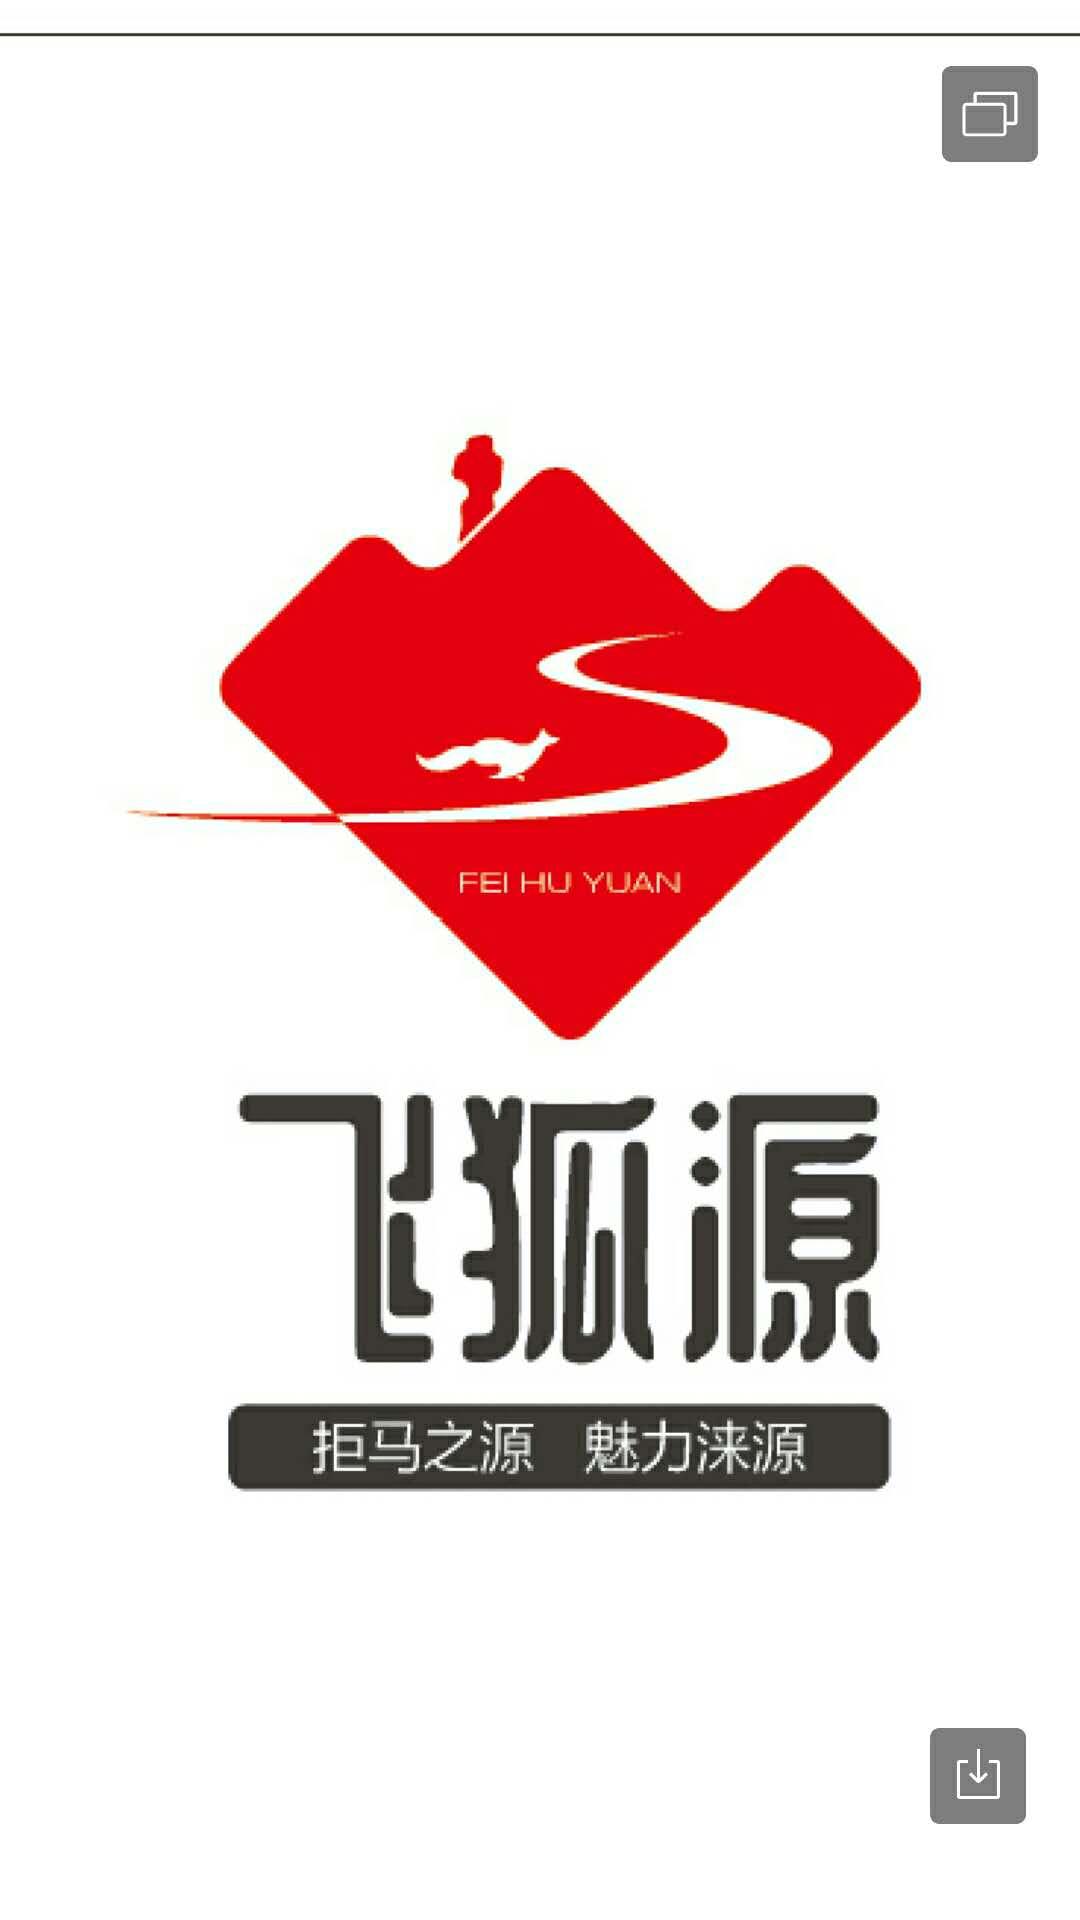 保定市涞源县区域公共品牌助力农产品上行飞狐源